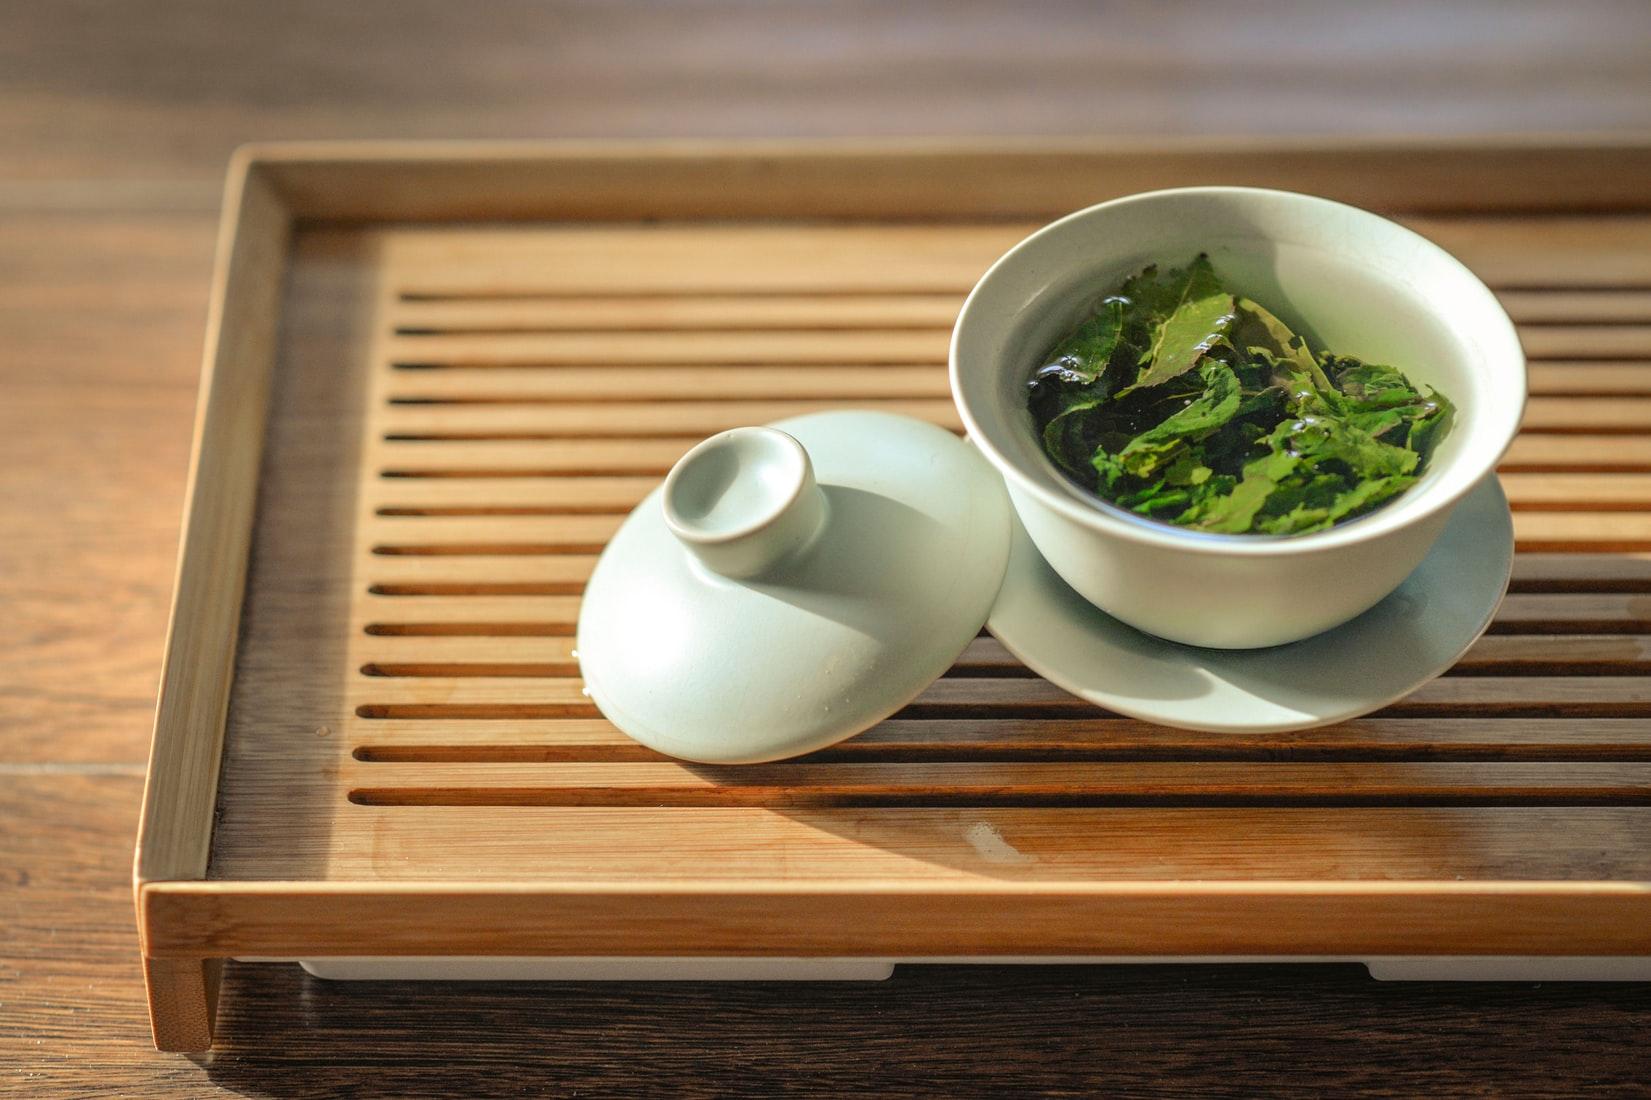 Trà xanh - Trà thảo mộc giảm stress giúp thư giãn tinh thần.